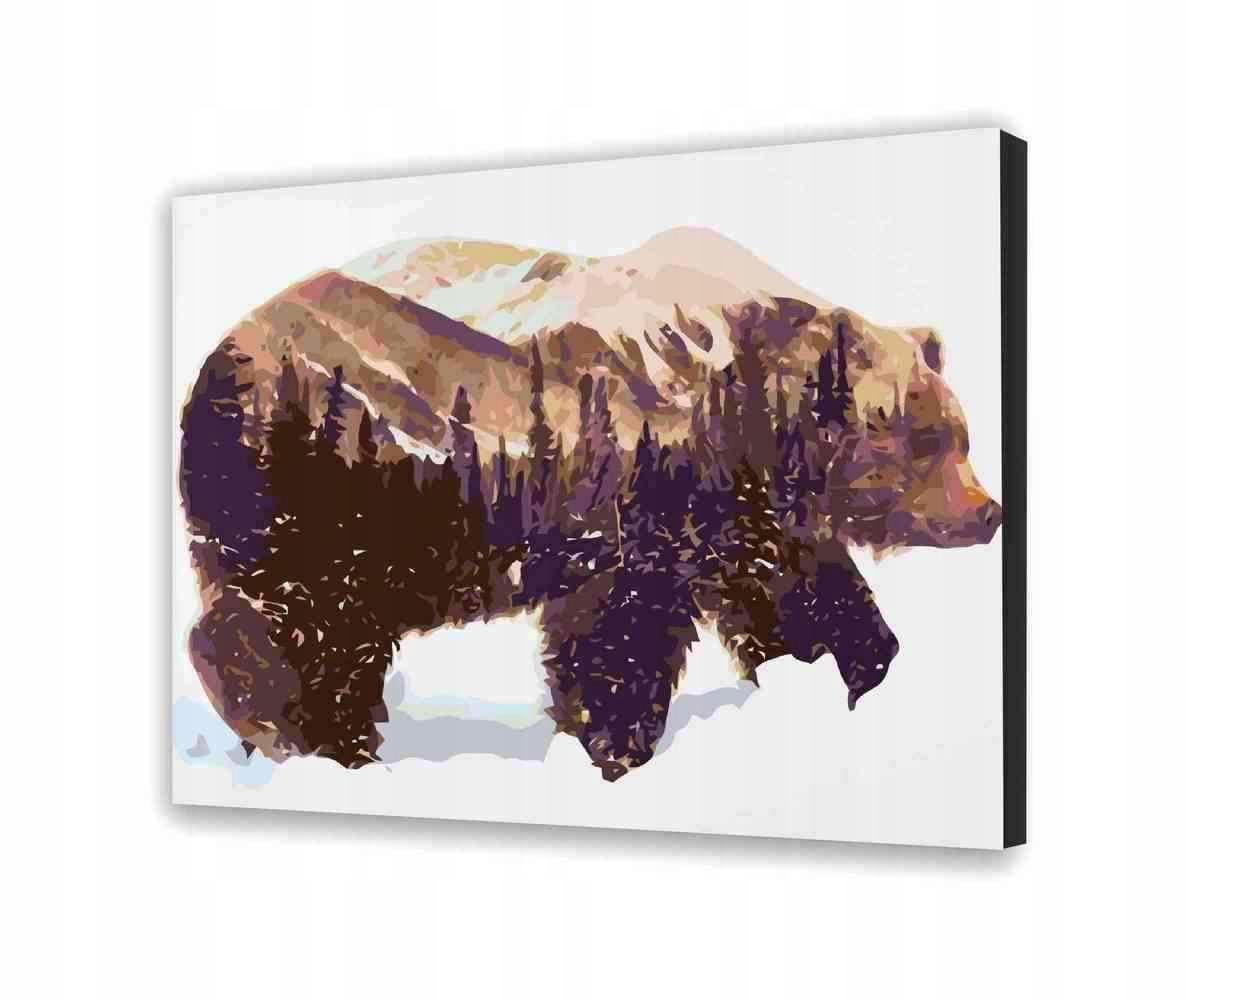 Bear - Obraz do samodzielnego malowania 40x50